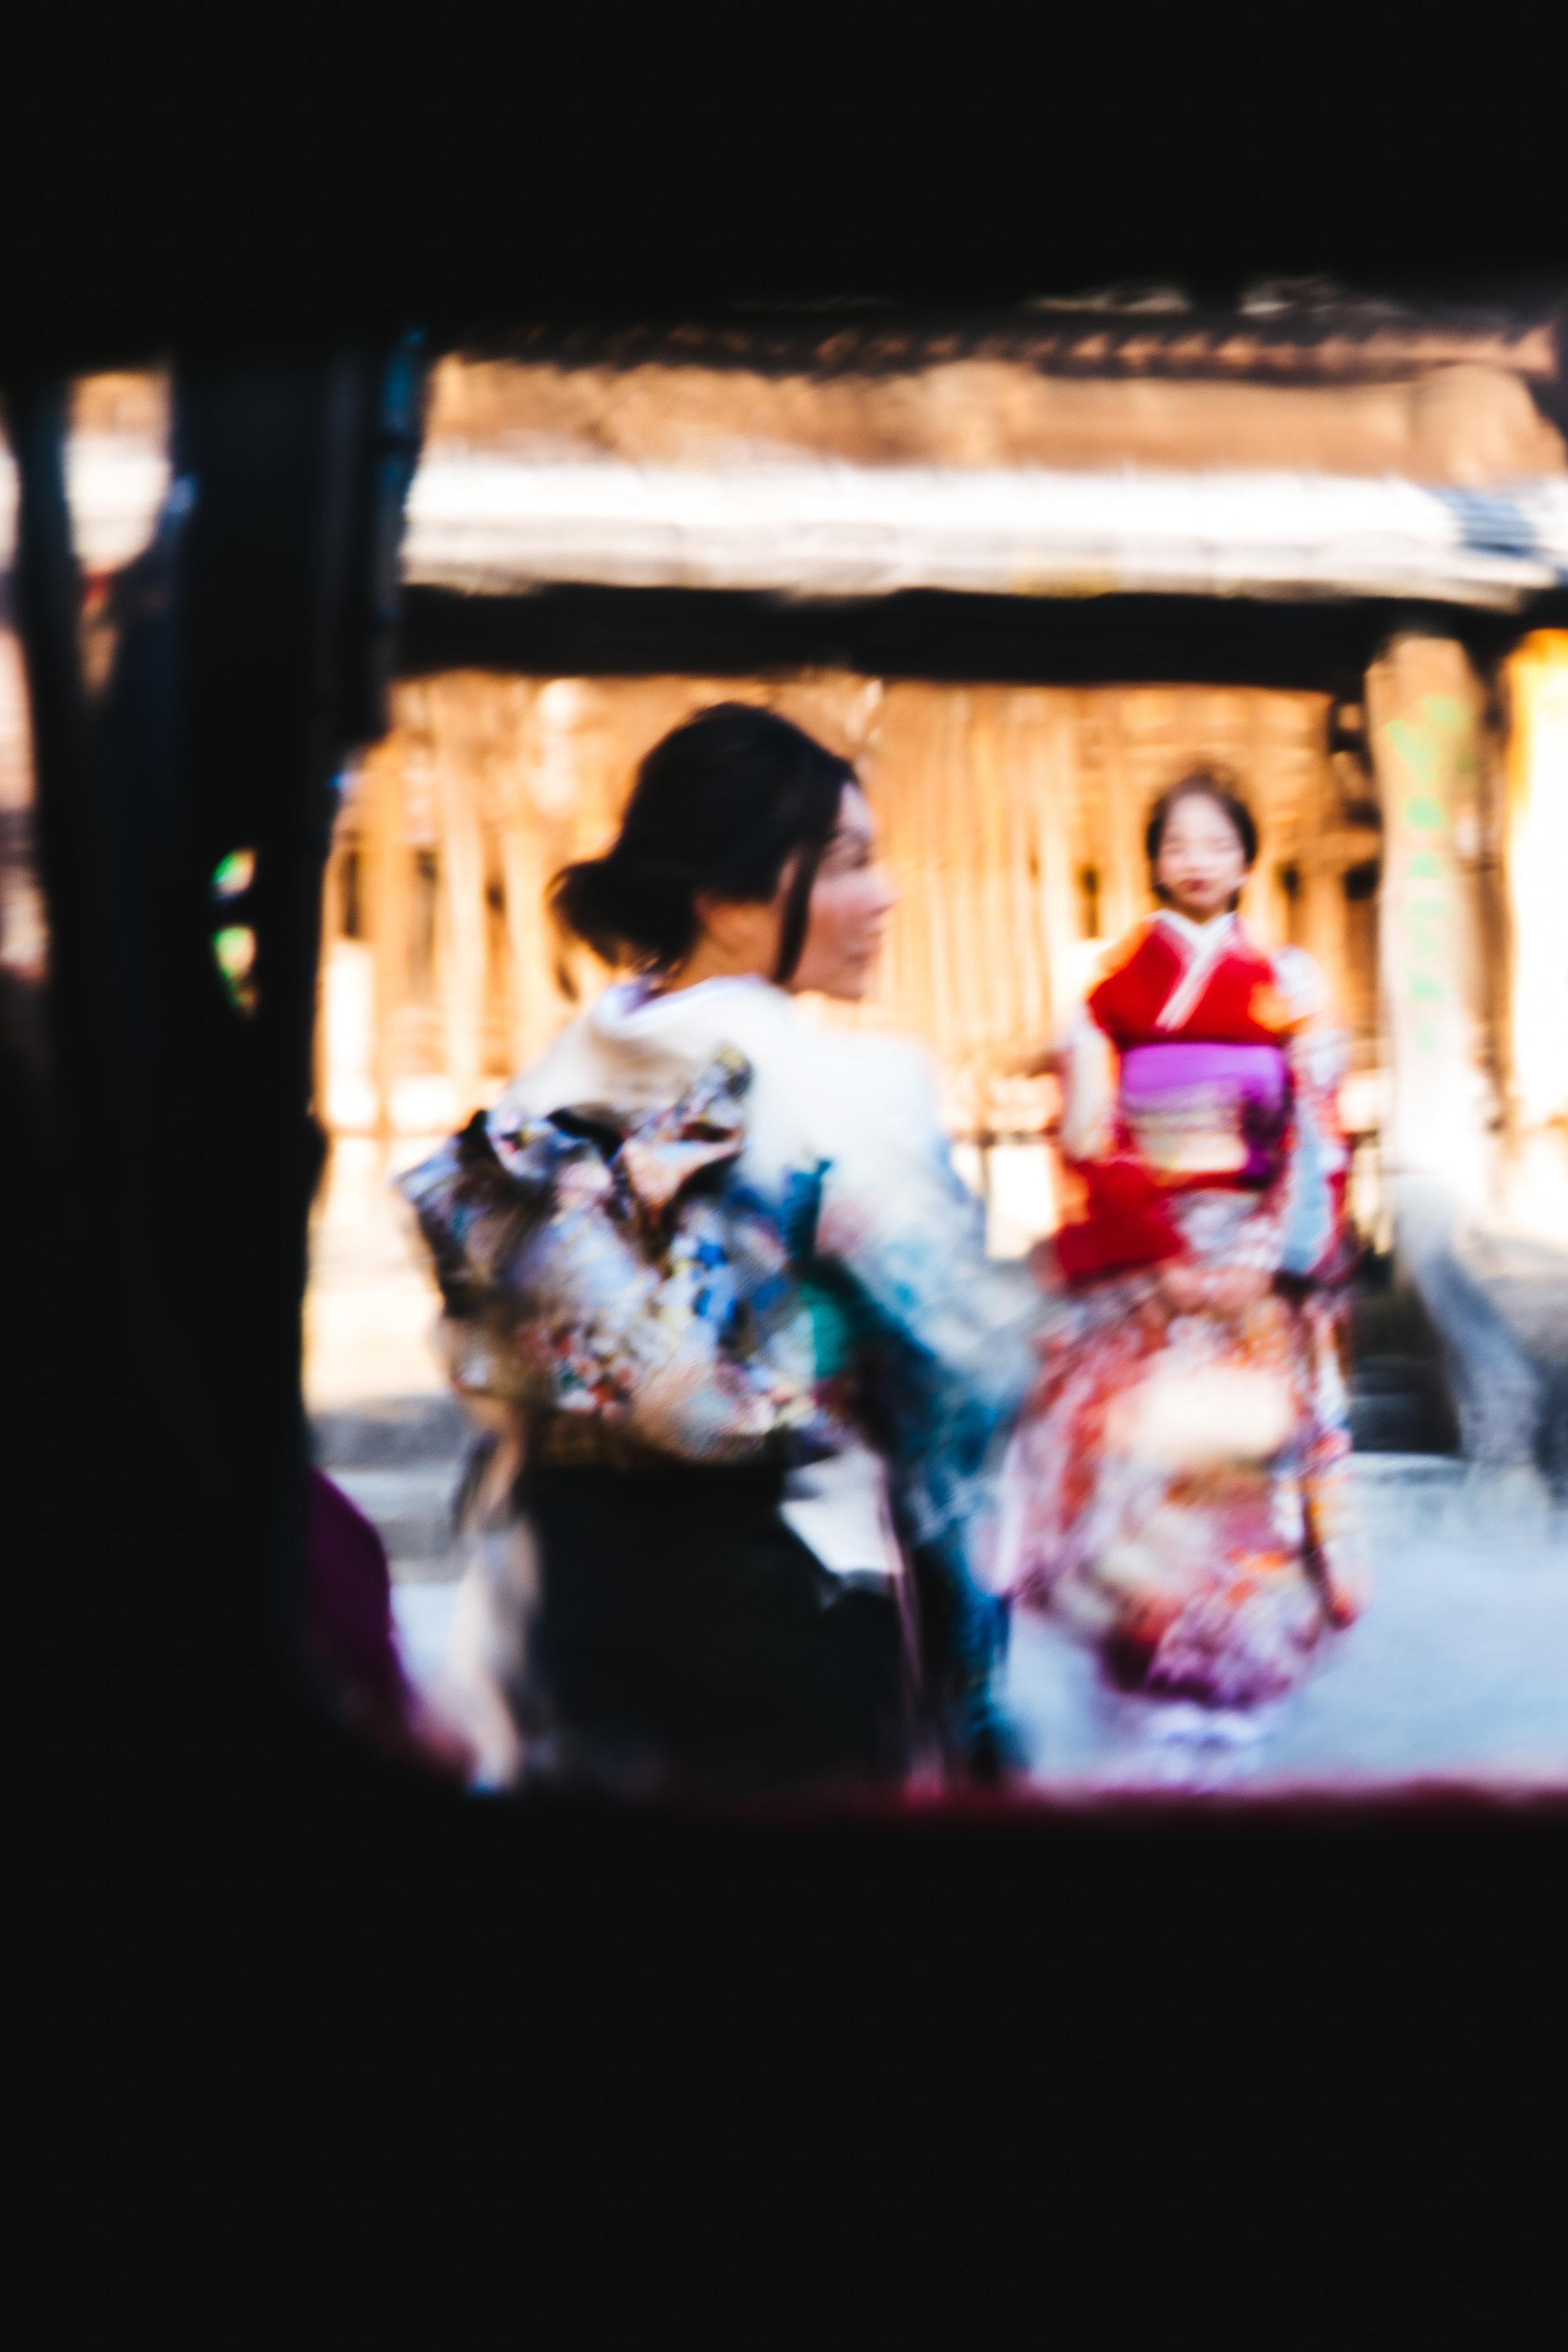 kyoto-kimono-blurry.jpg